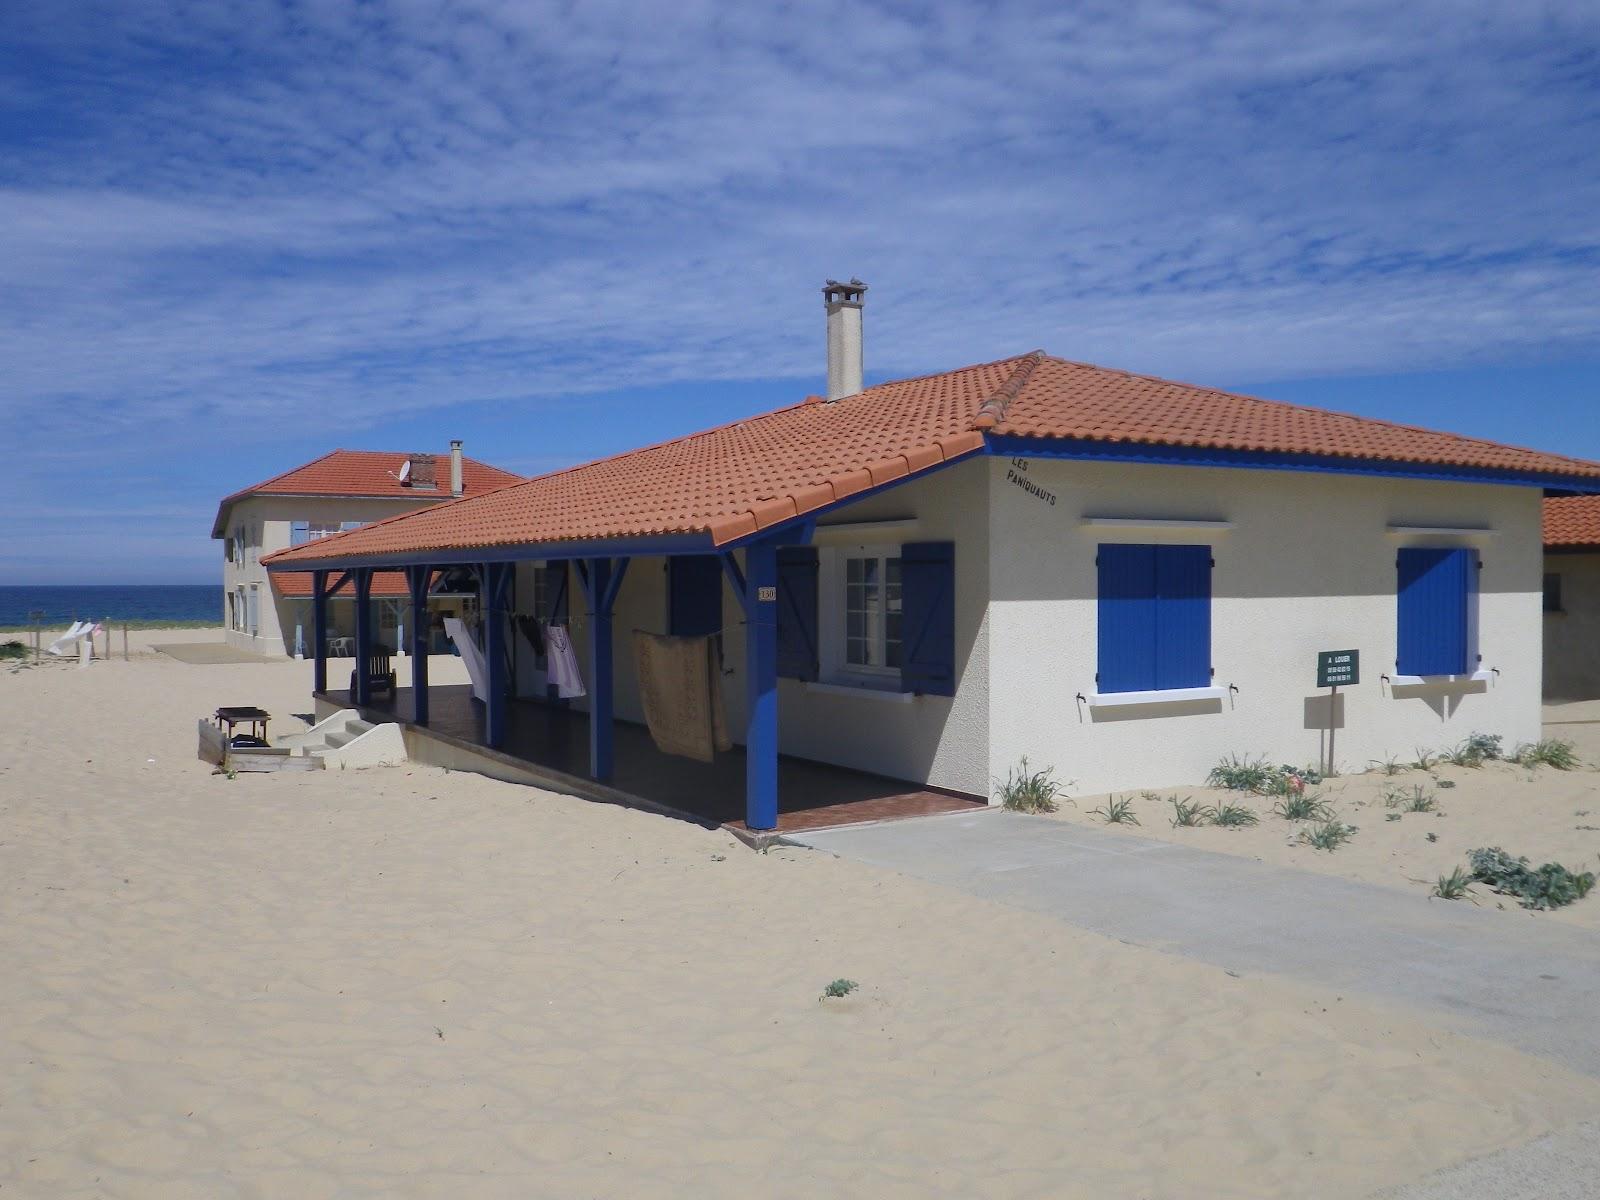 Location de notre maison les pieds dans le sable saint for Maison location